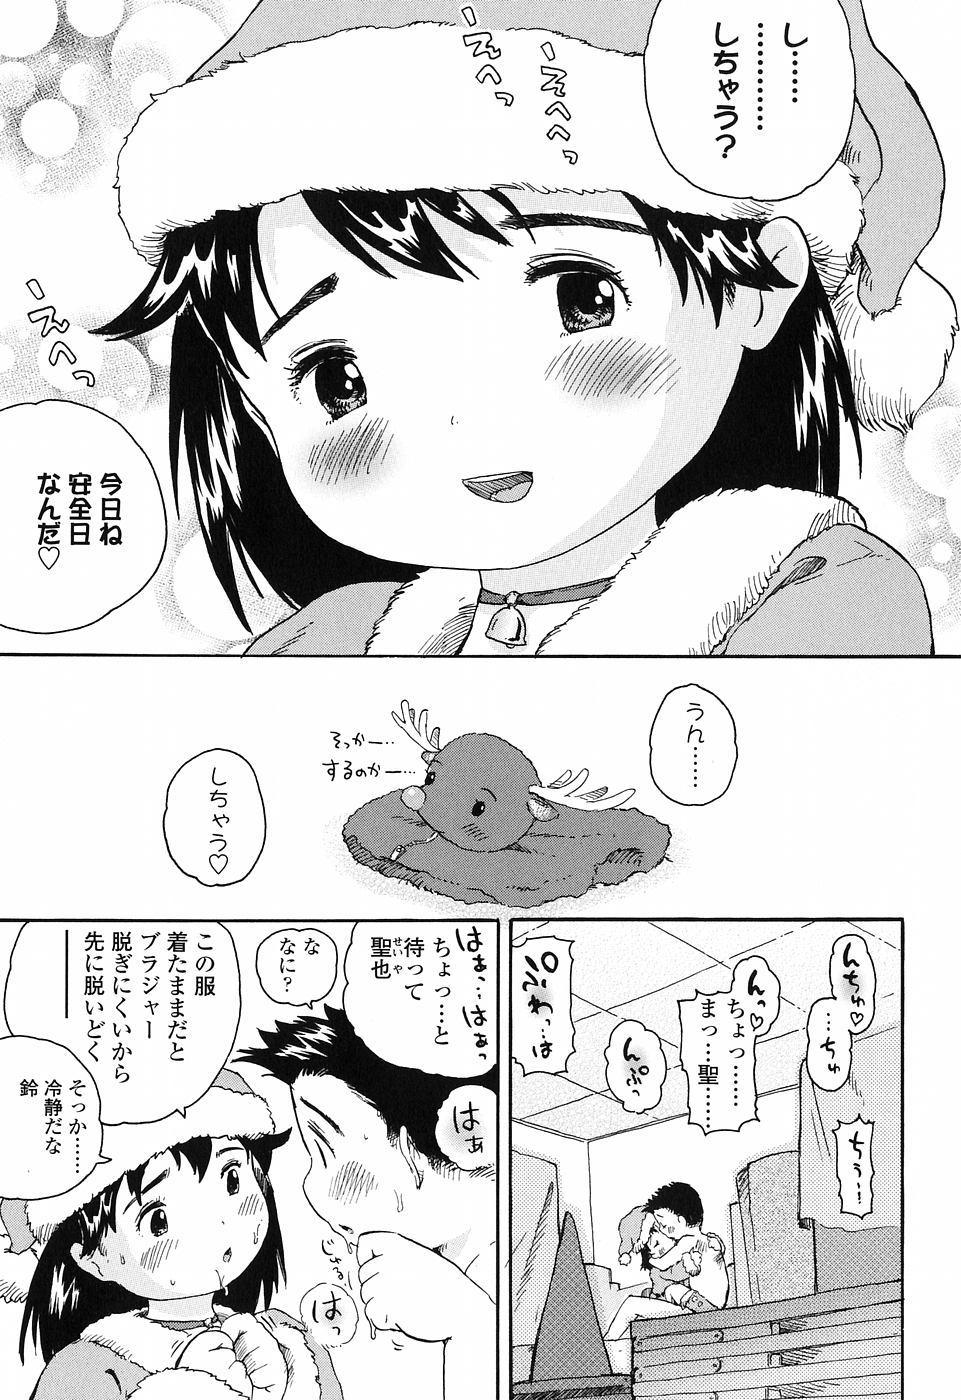 Koisuru Fukurami 96